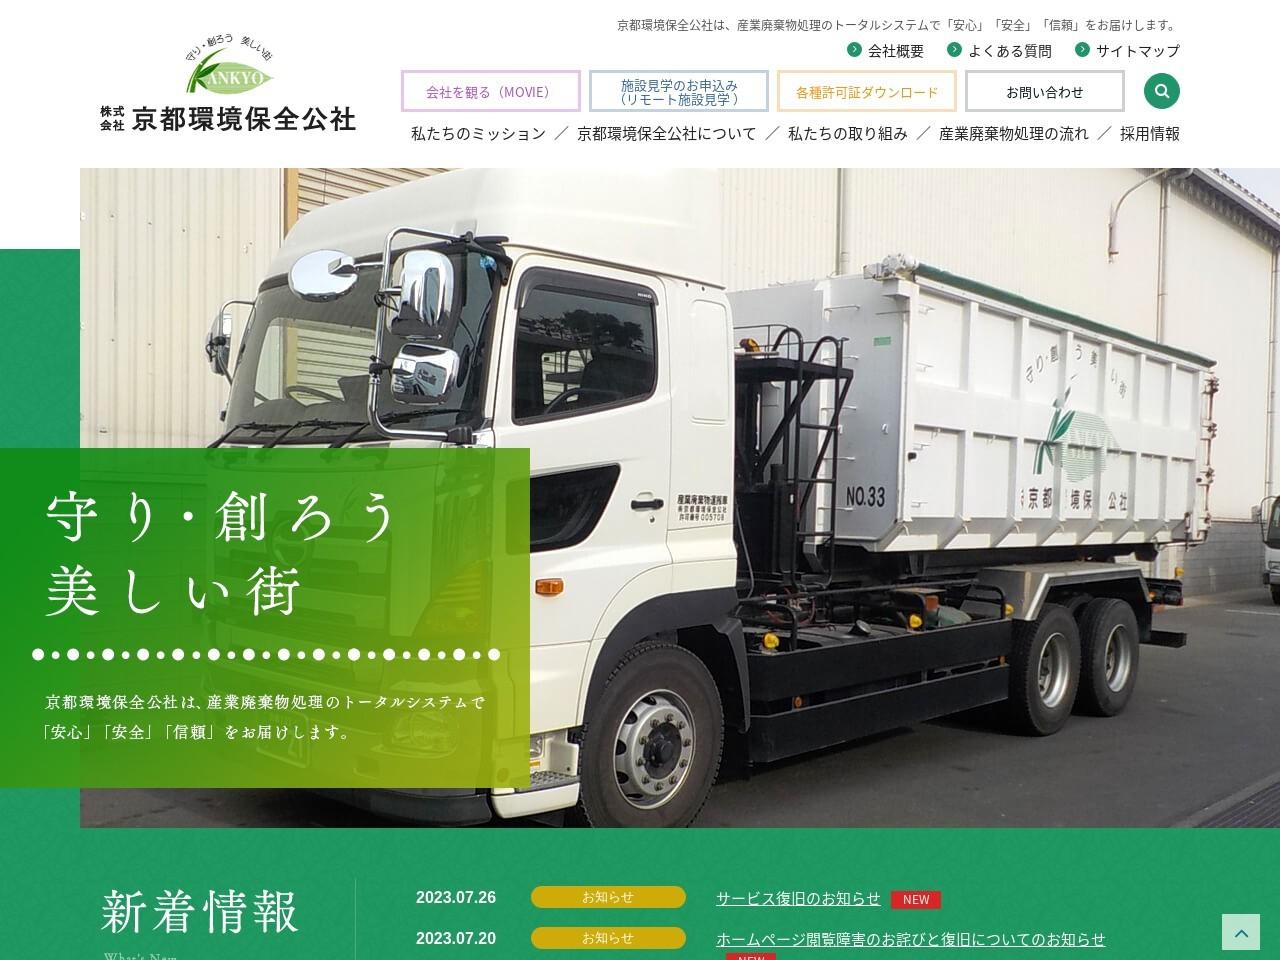 株式会社京都環境保全公社廃棄物処理